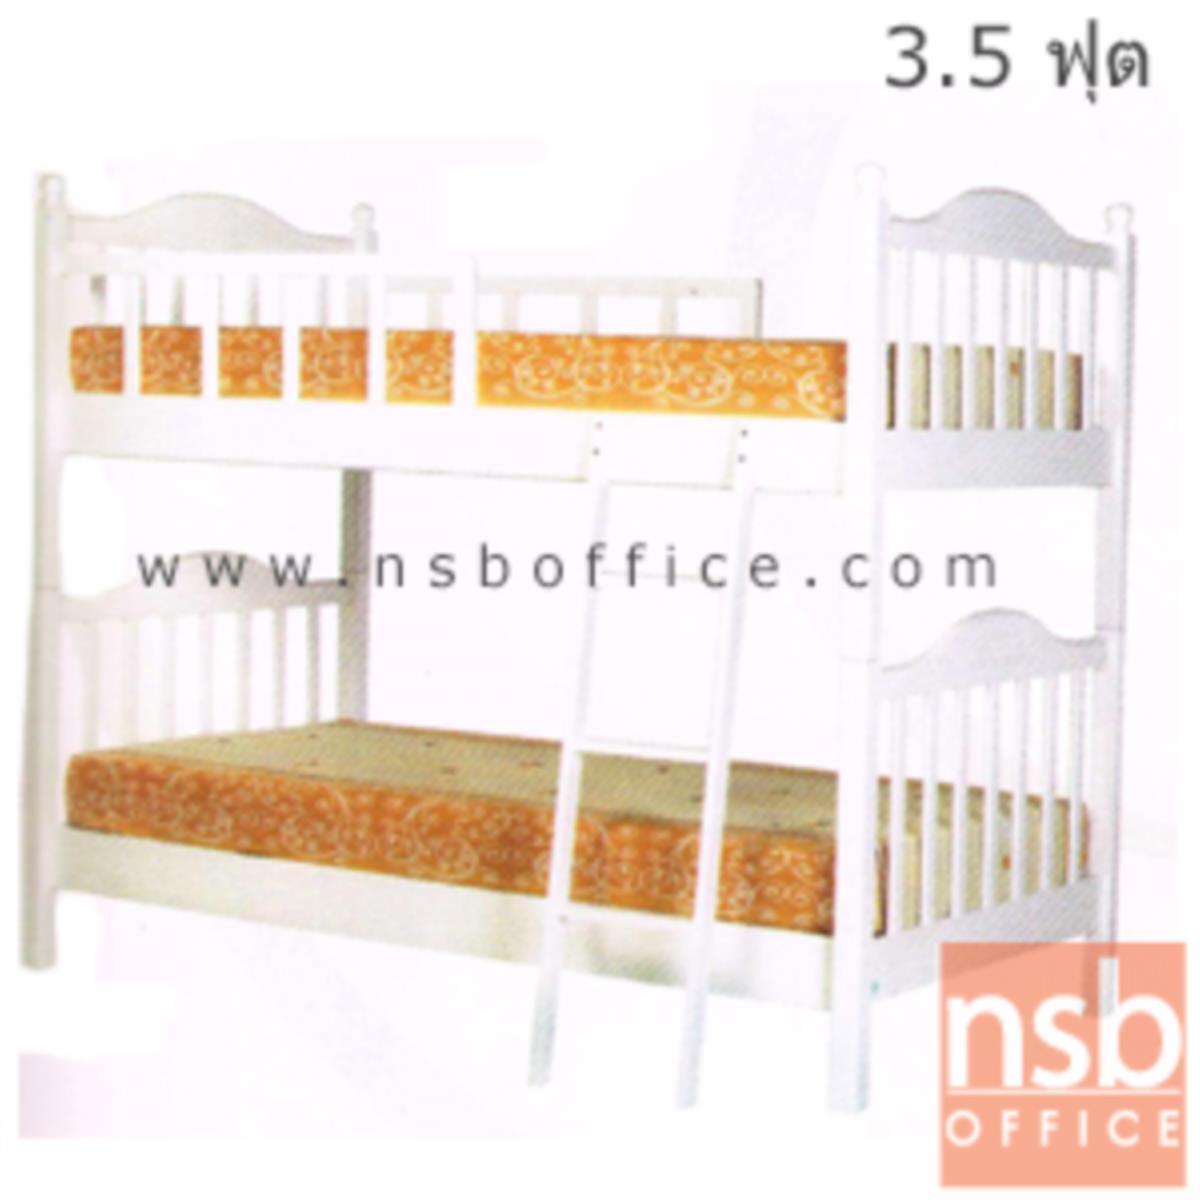 เตียงไม้ยางพาราล้วน 2 ชั้น ขนาด 3.5 ฟุต หัวเตียงไม้ระแนง